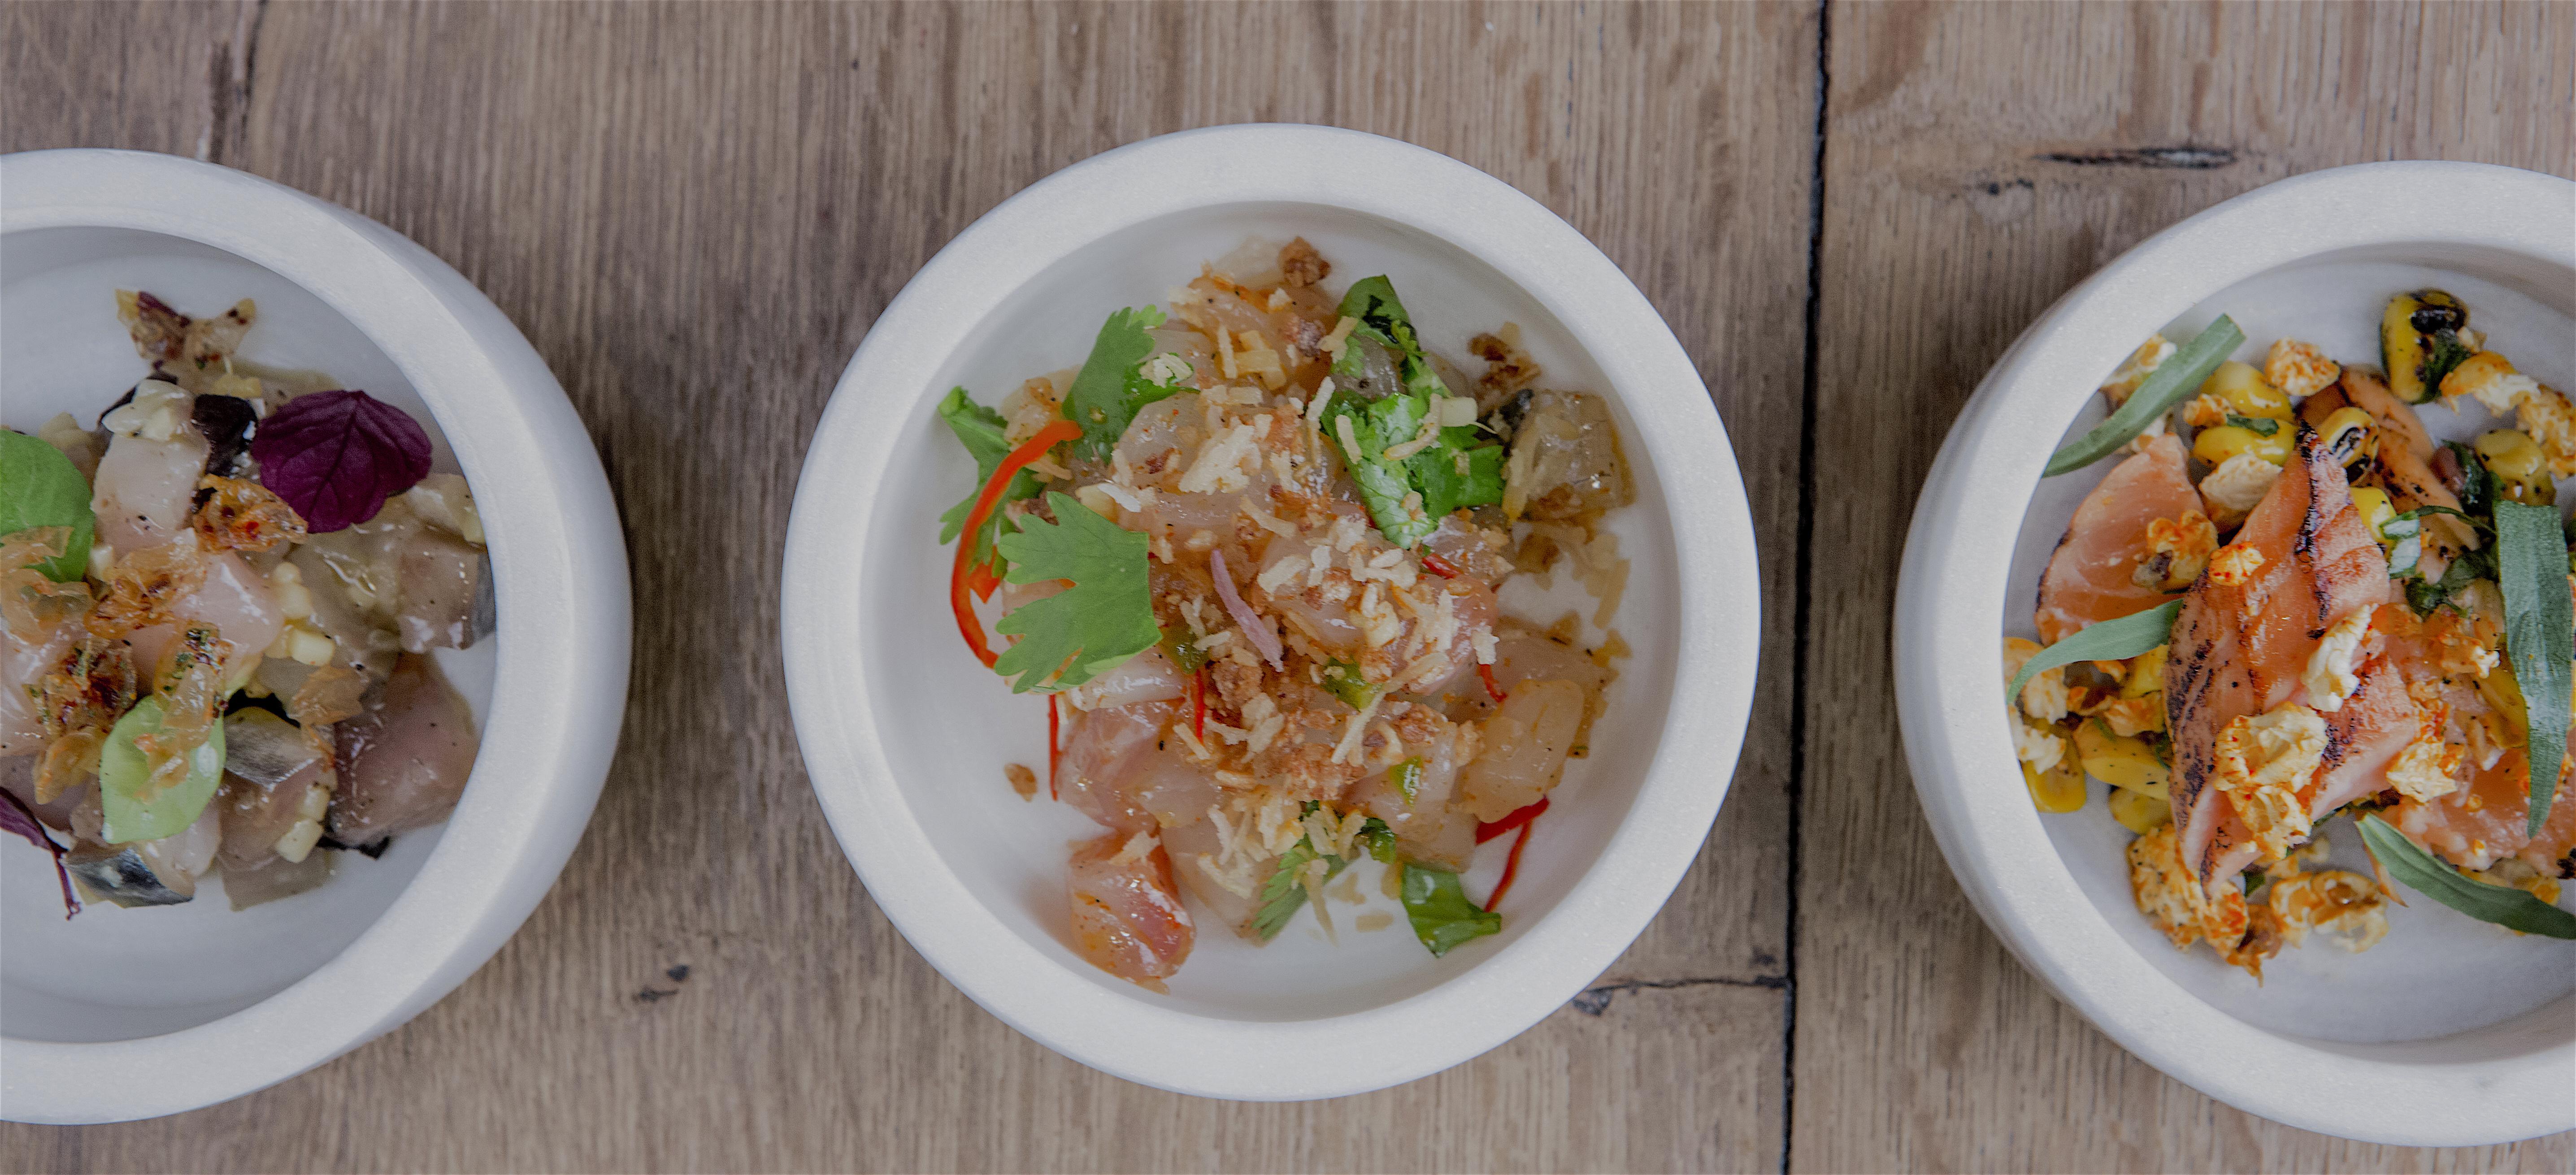 Spoon 2 @ sea bream, salmon, mackerel @pmonetta